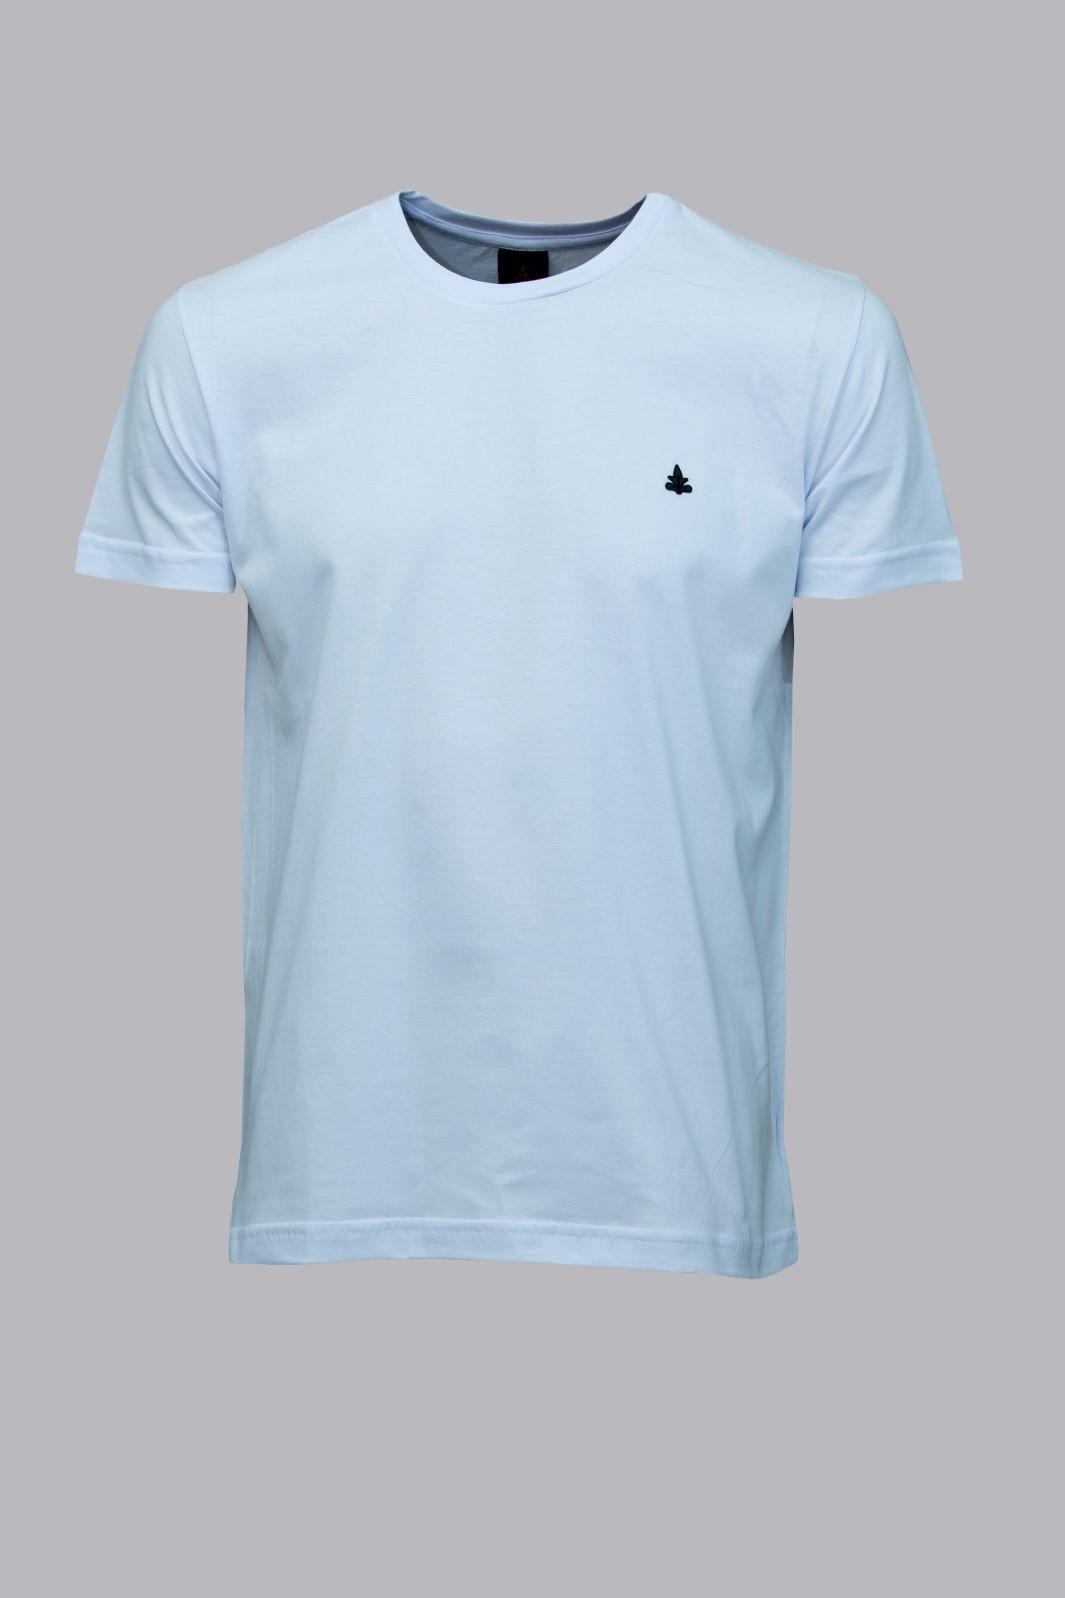 Camiseta Barrocco Básica - Várias cores